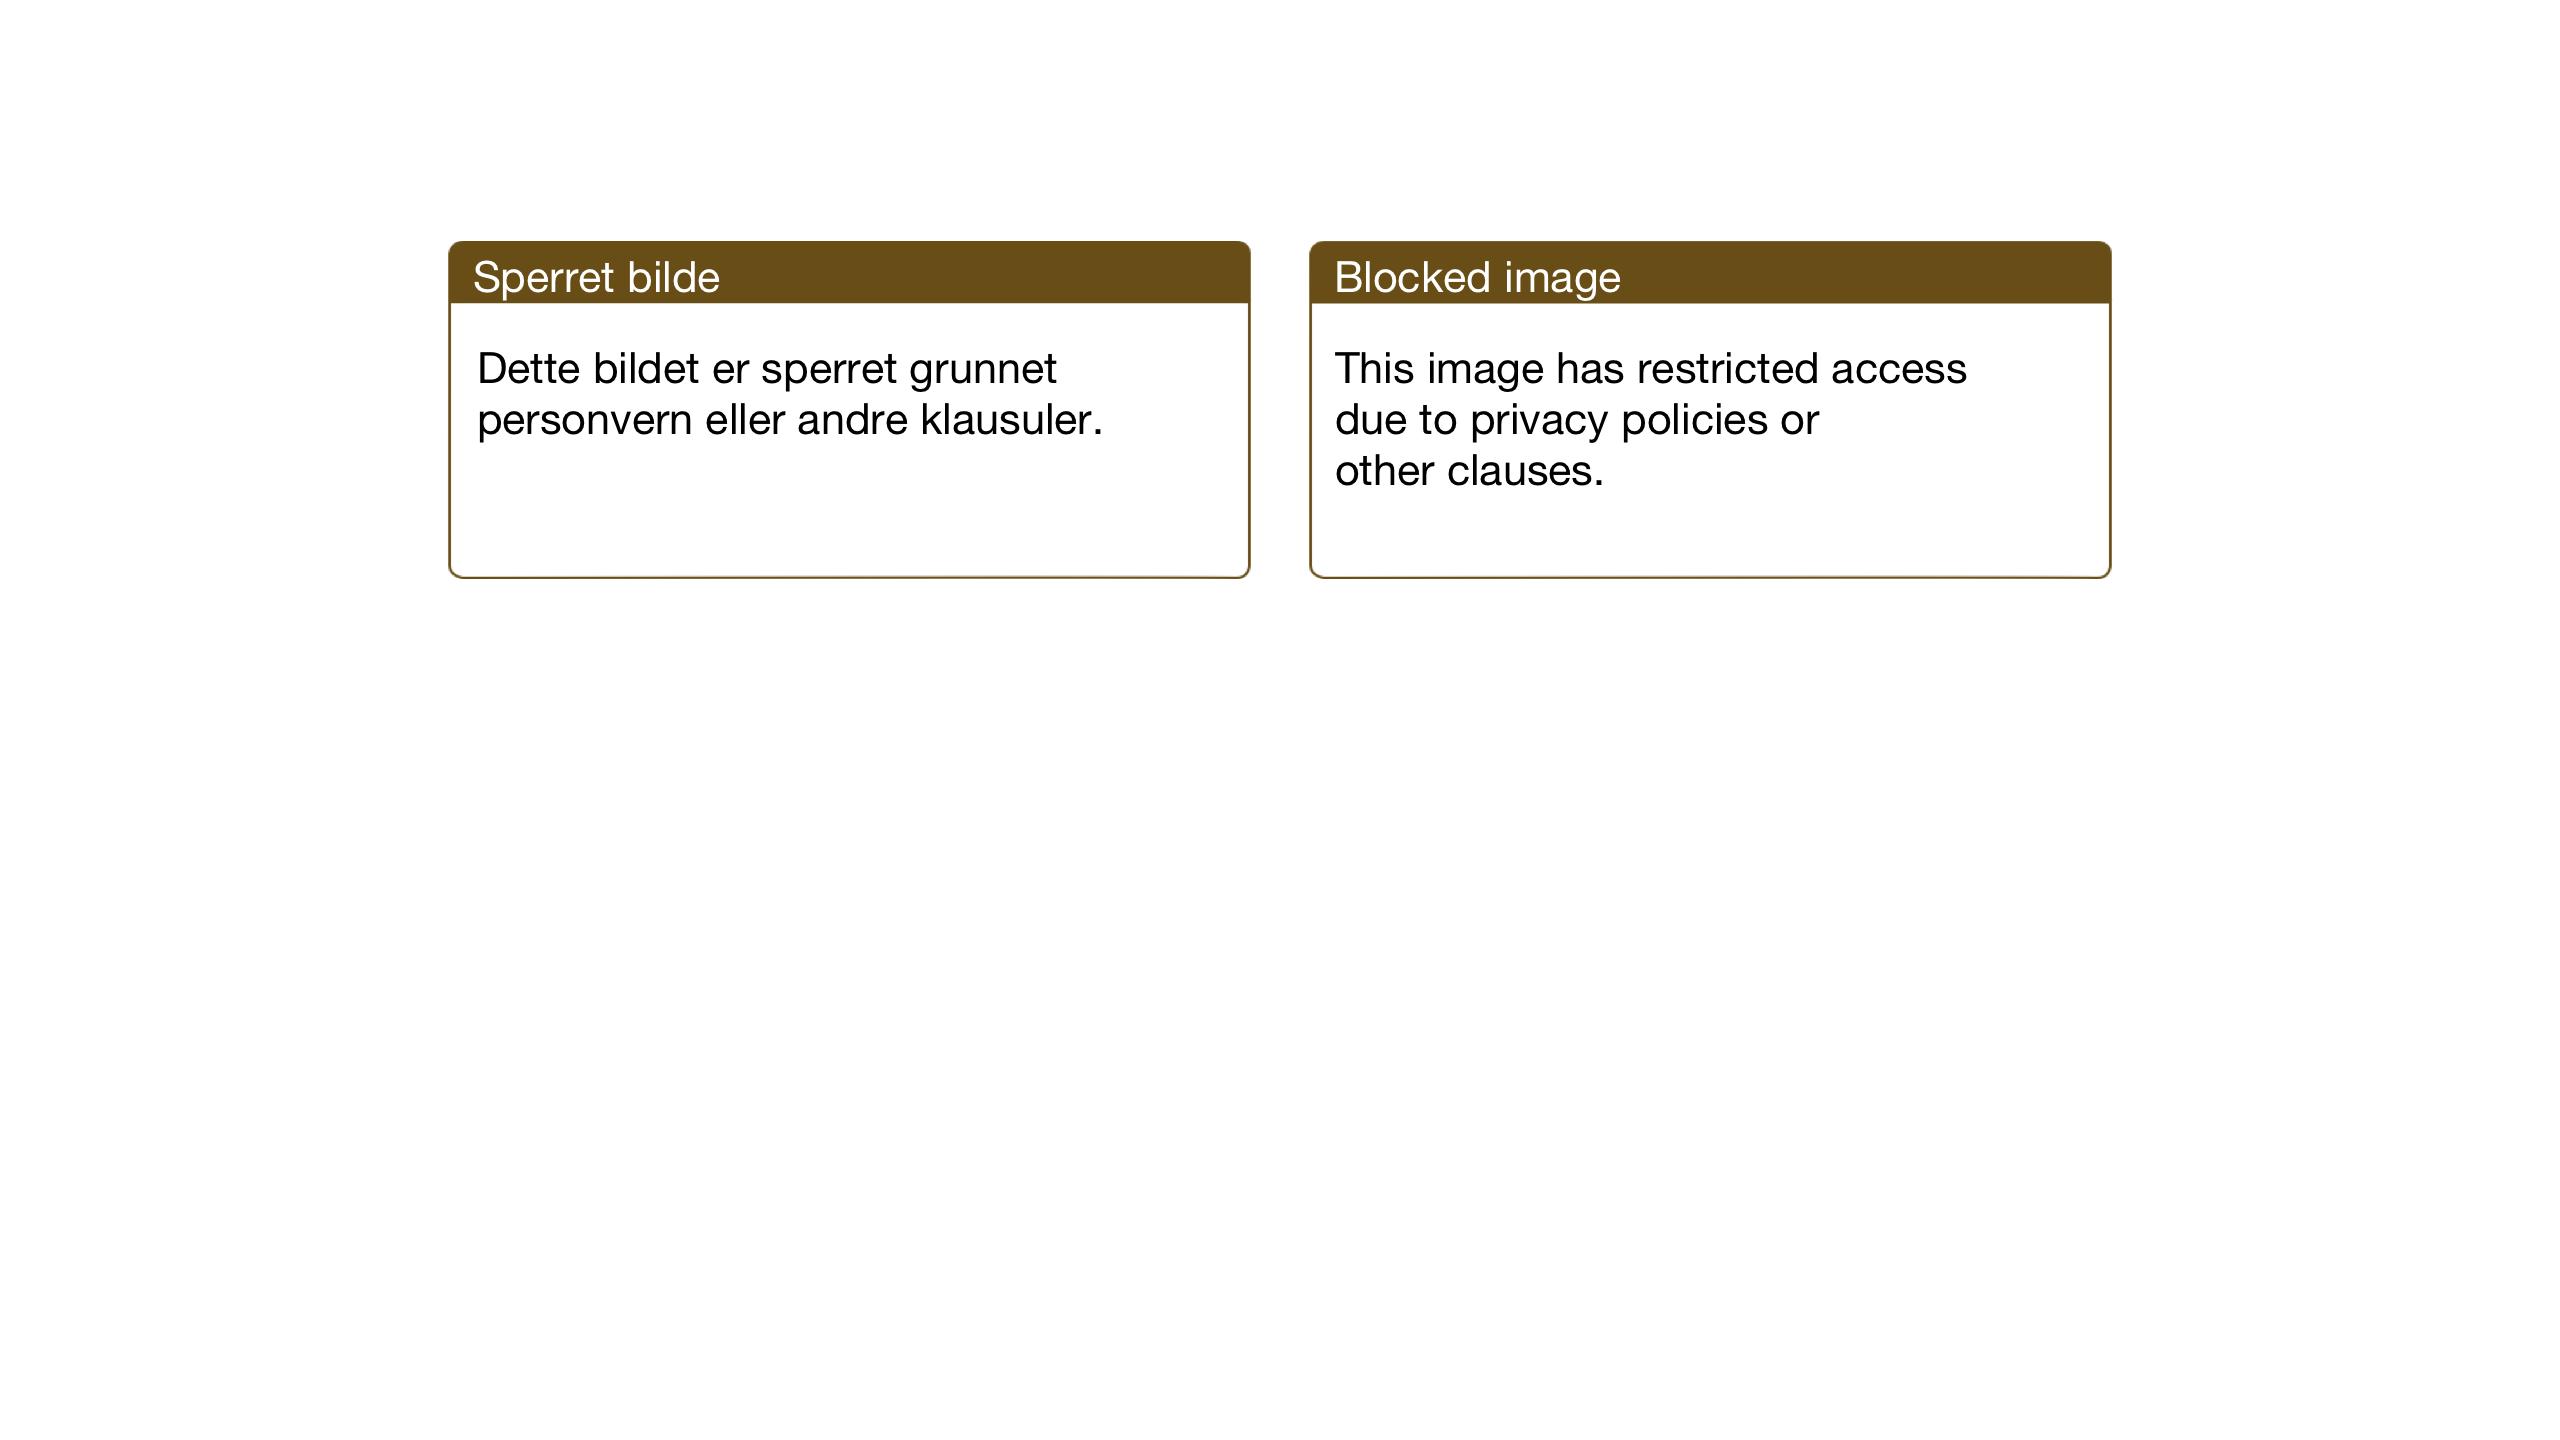 SAT, Ministerialprotokoller, klokkerbøker og fødselsregistre - Nord-Trøndelag, 722/L0227: Klokkerbok nr. 722C03, 1928-1958, s. 121